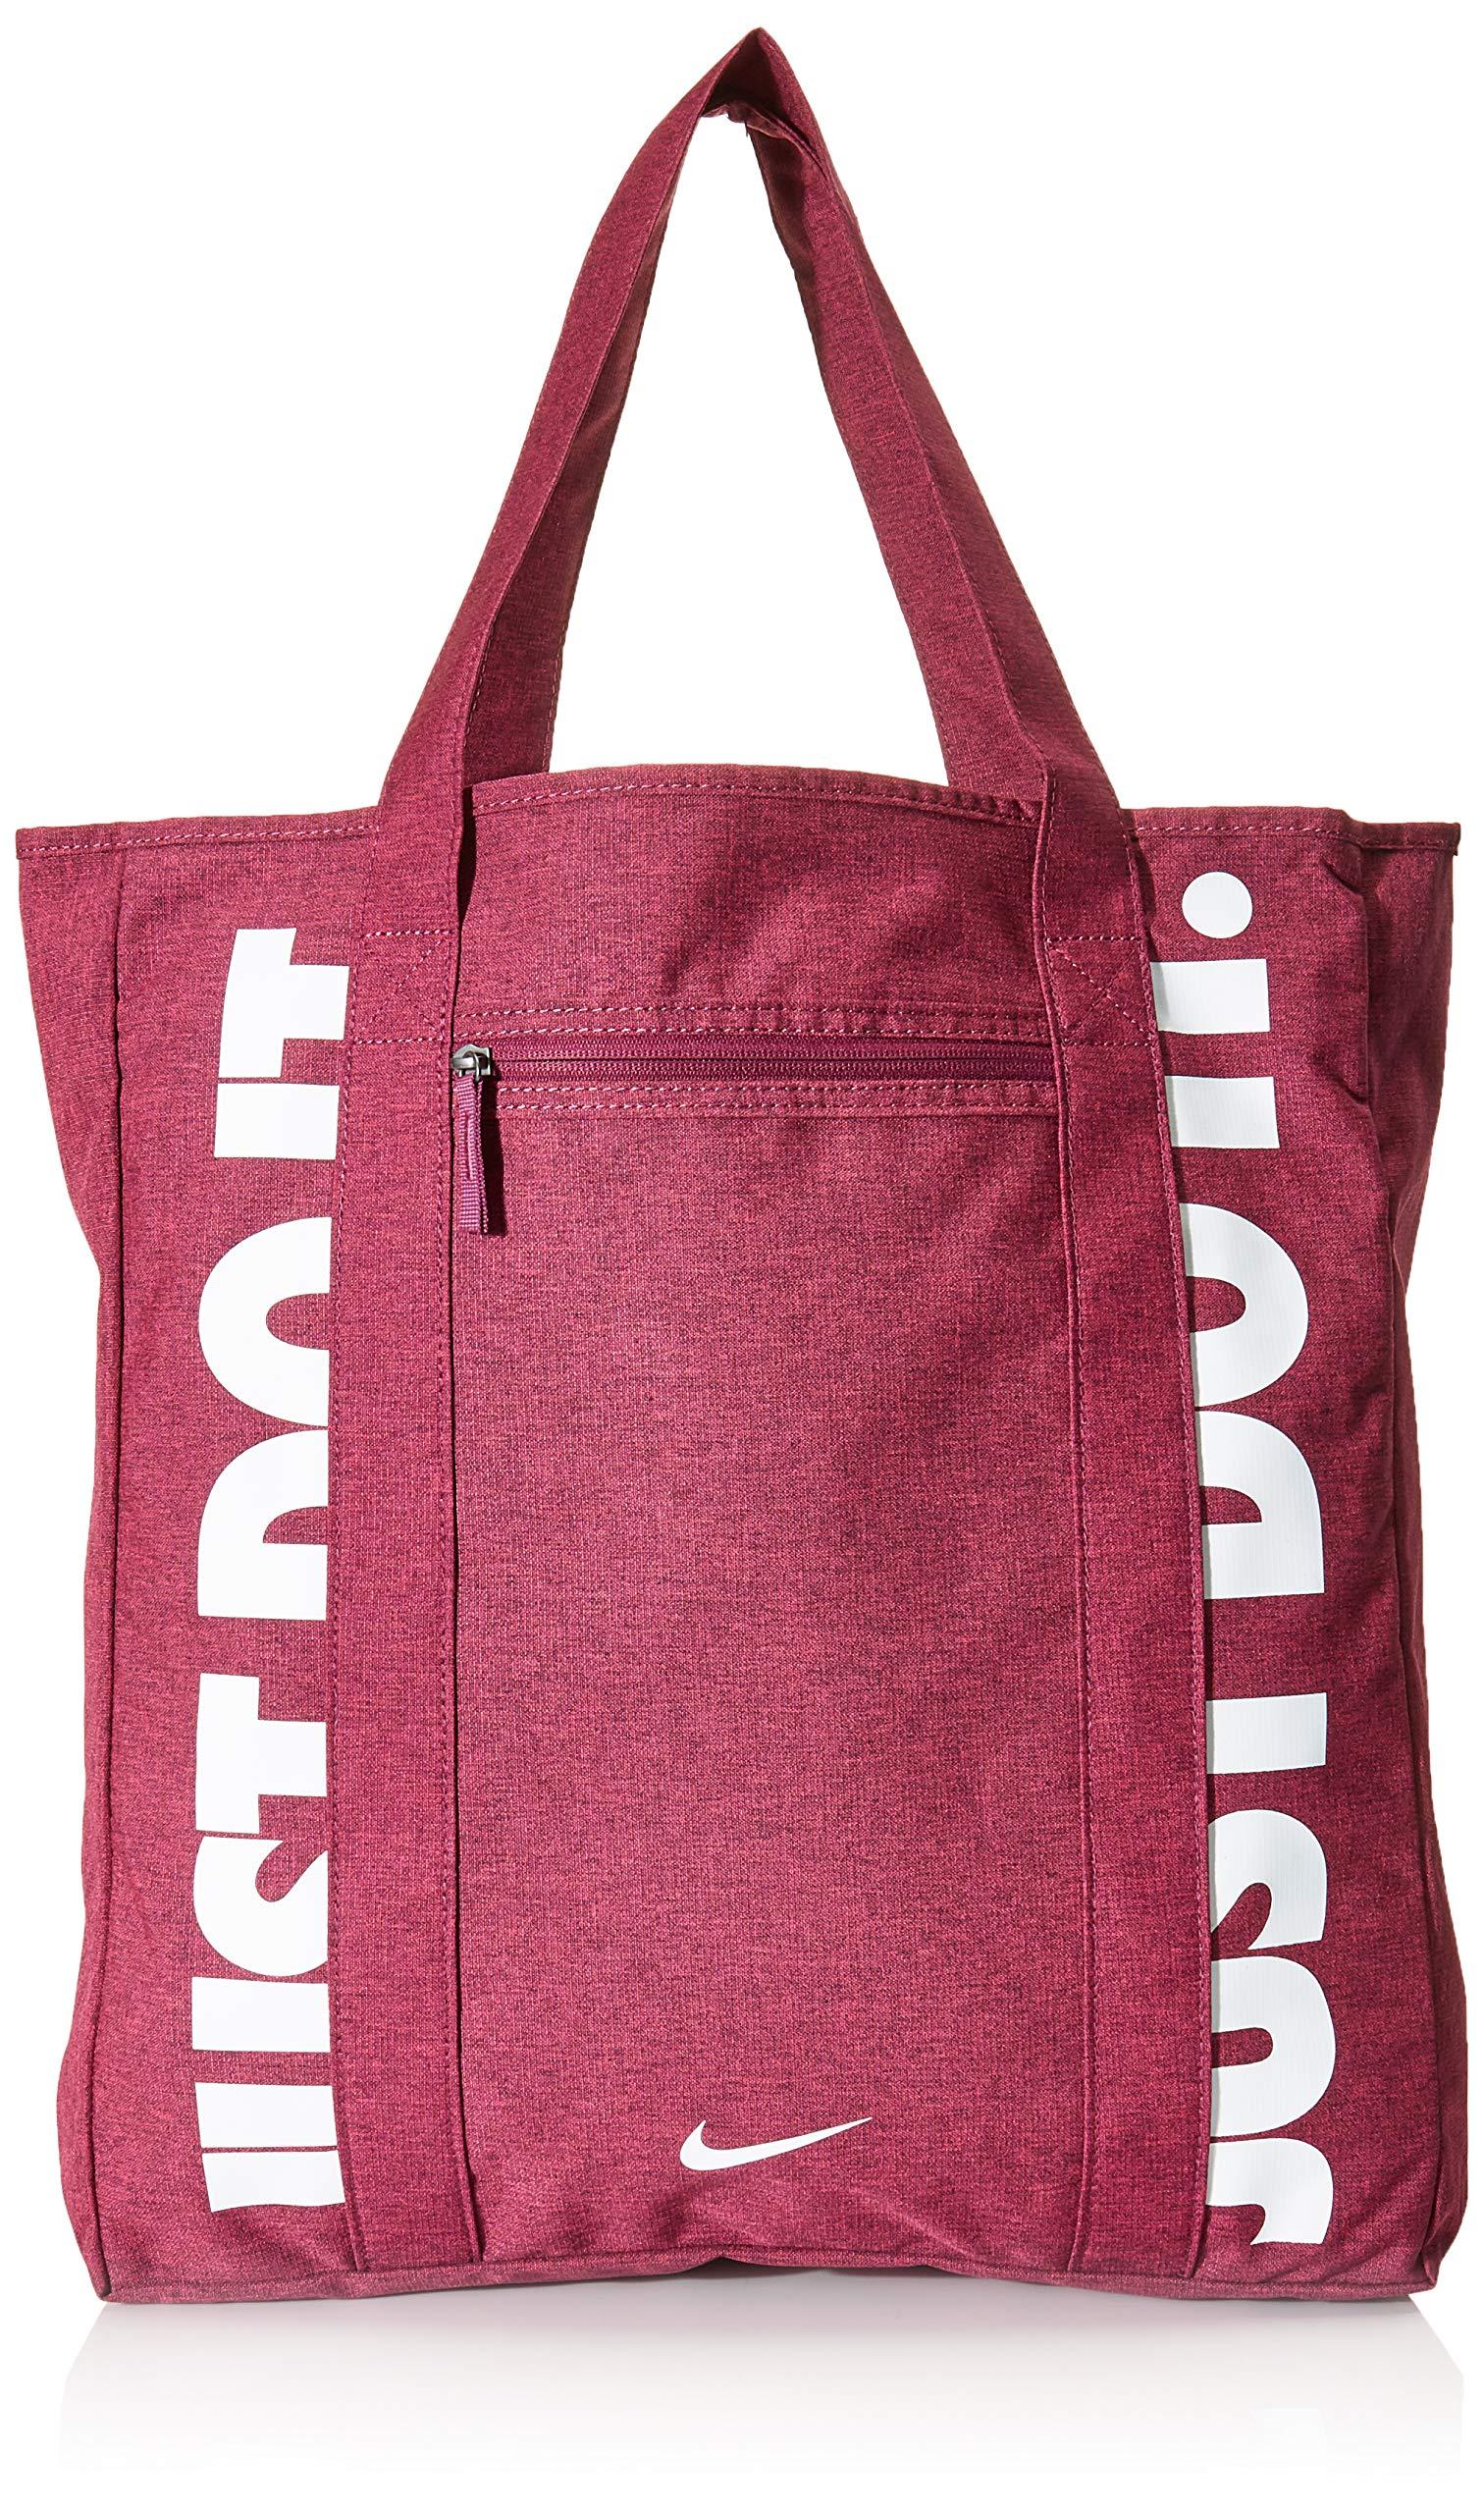 Nike Gym Women's Training Tote Bag